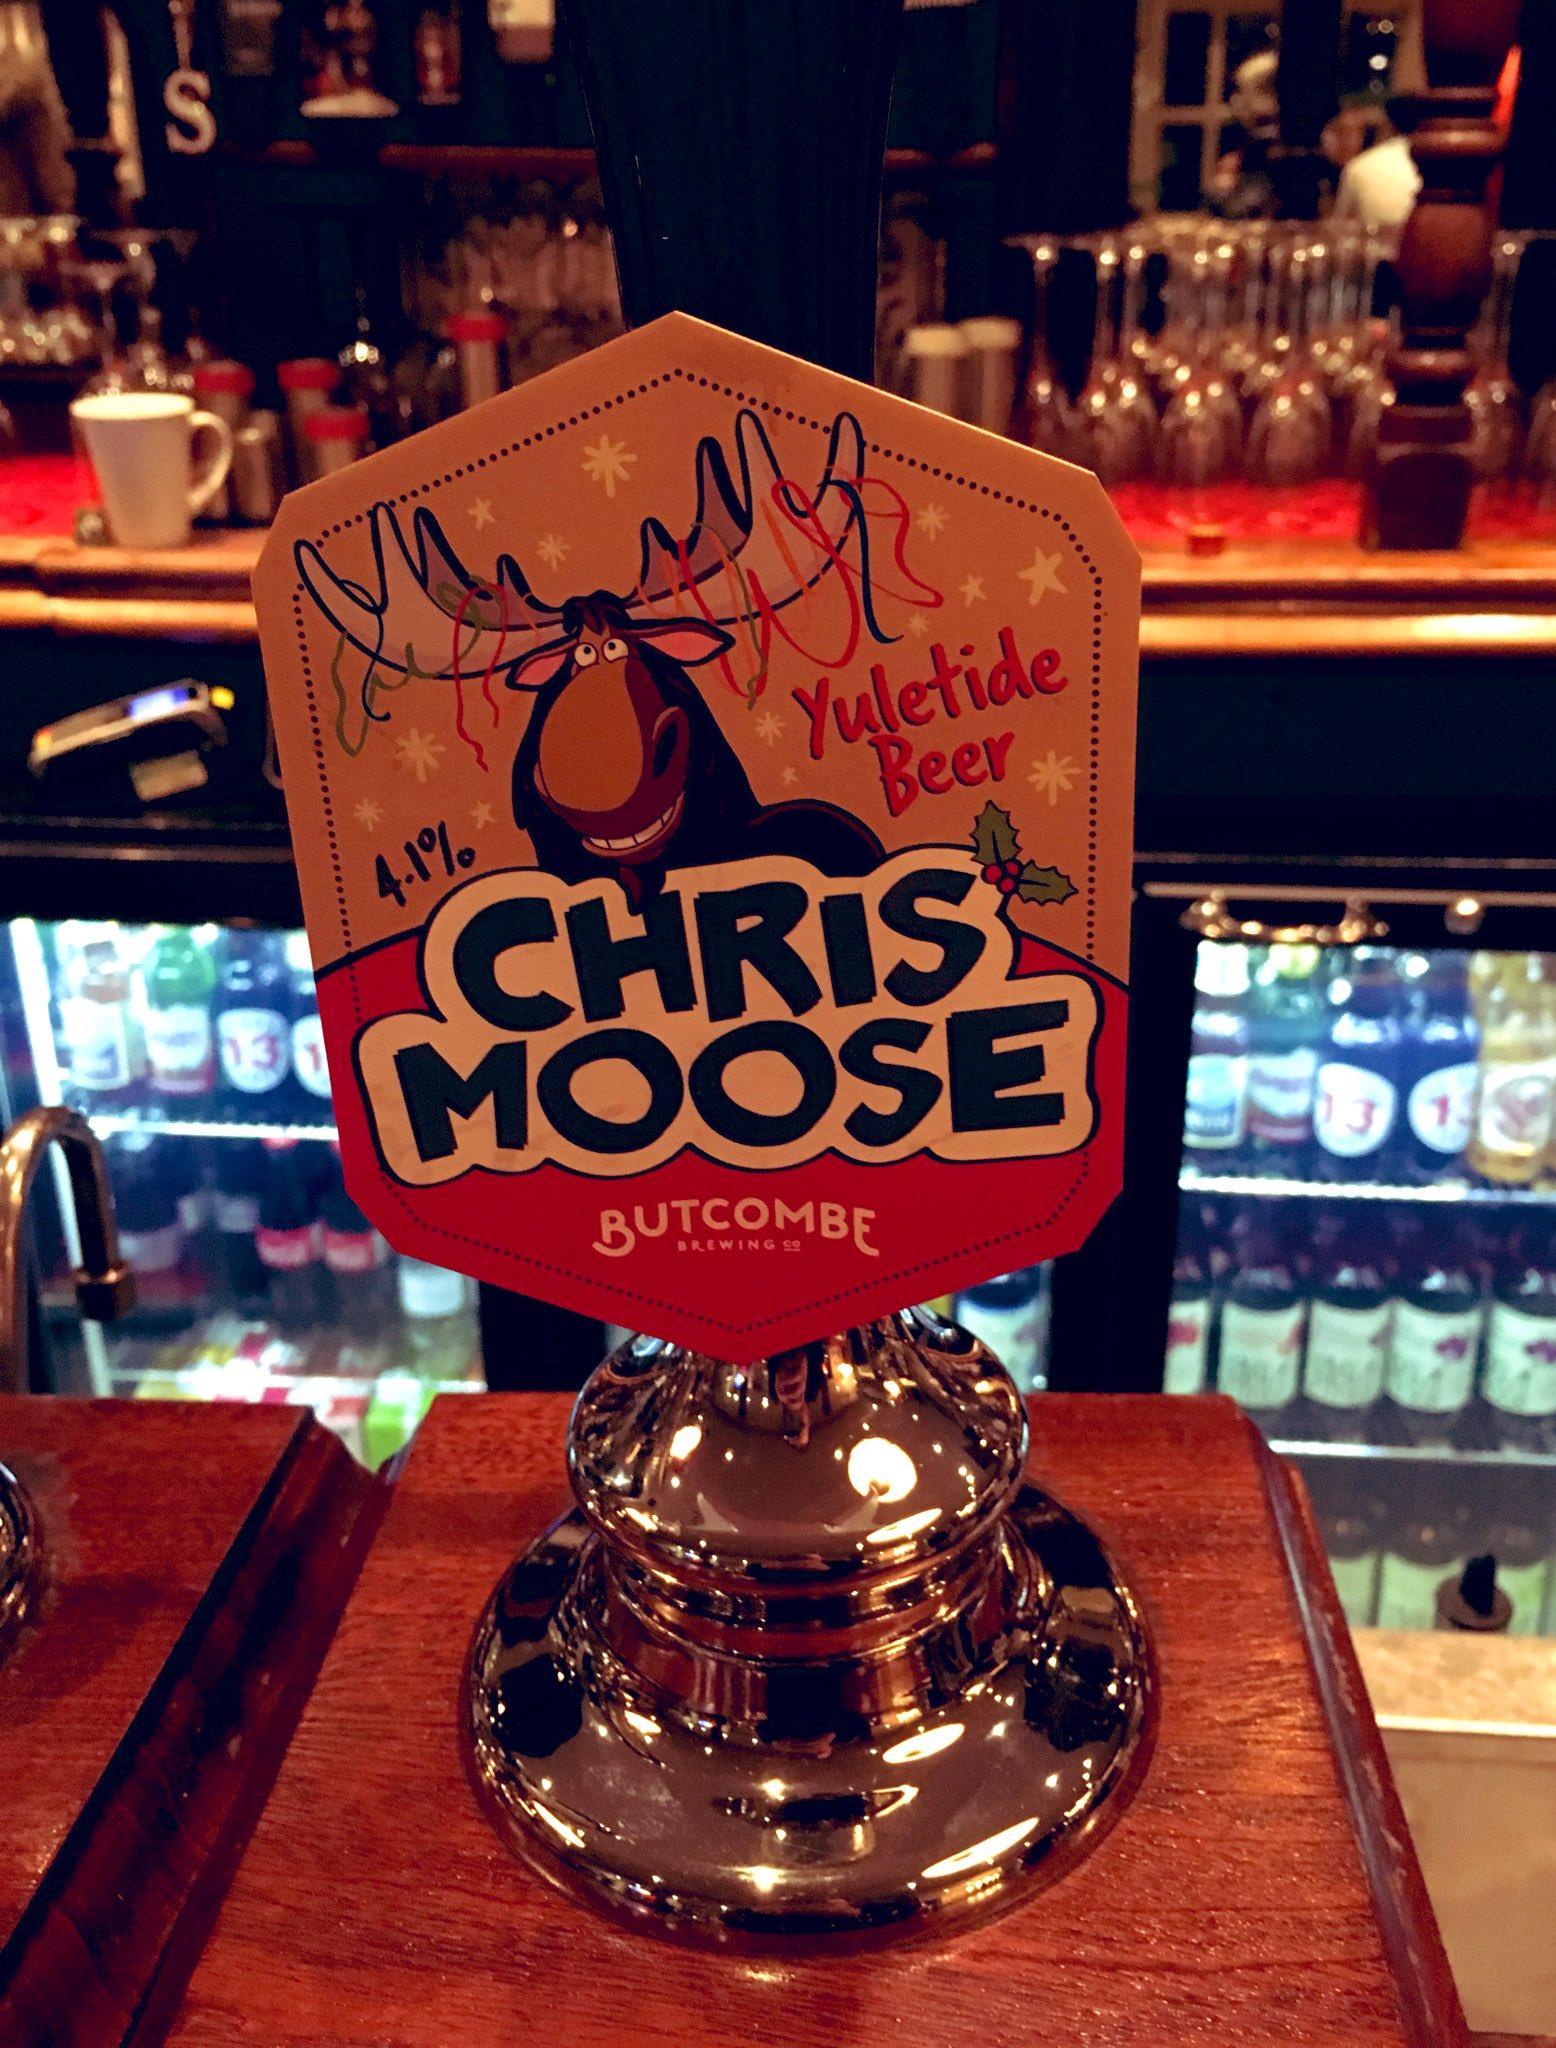 8: Chris Moose